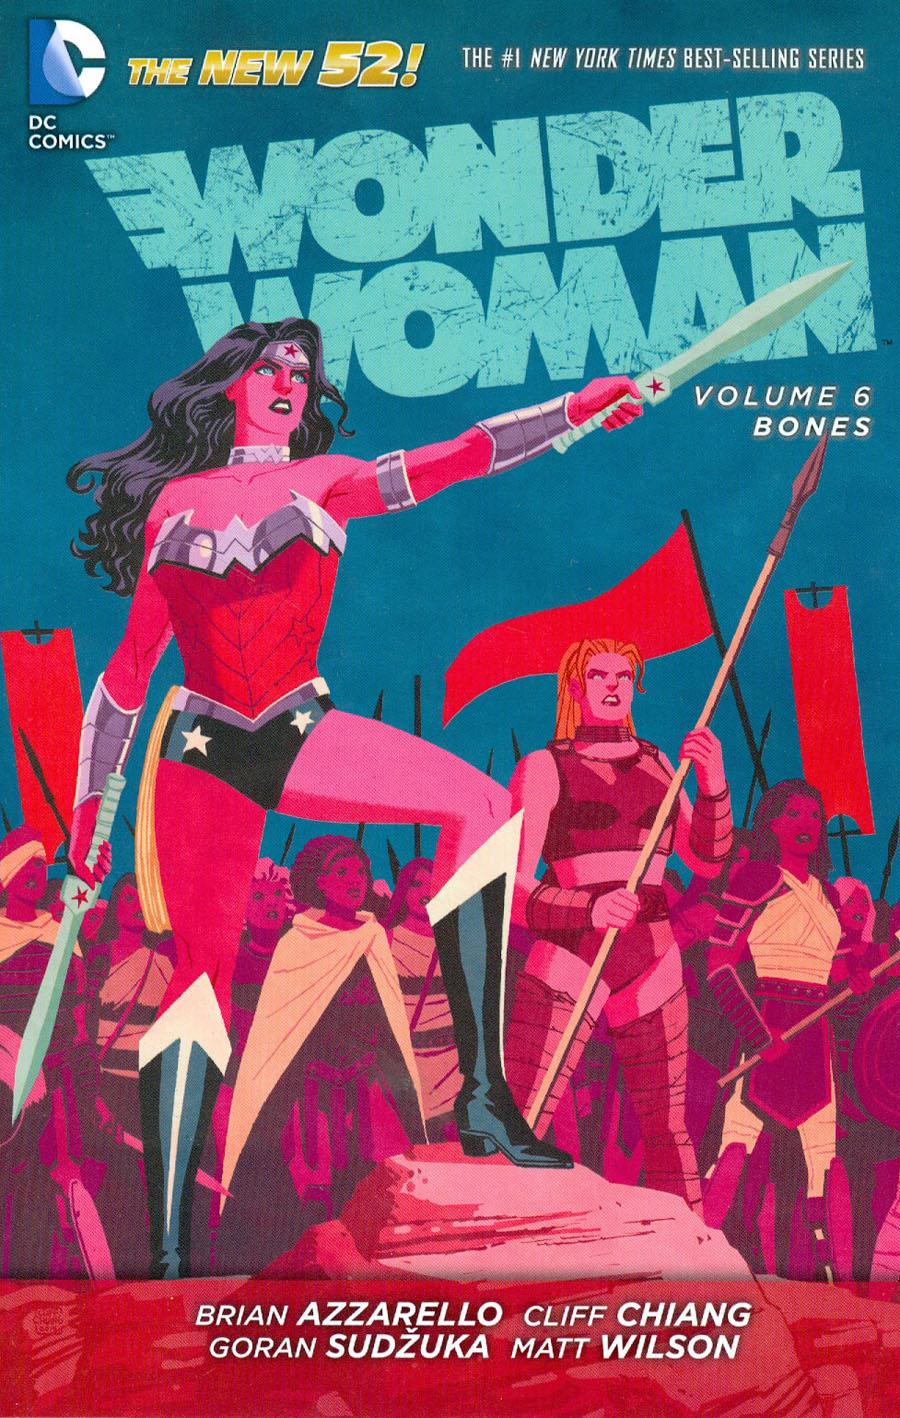 Wonder Woman (New 52) Vol 6 Bones TP